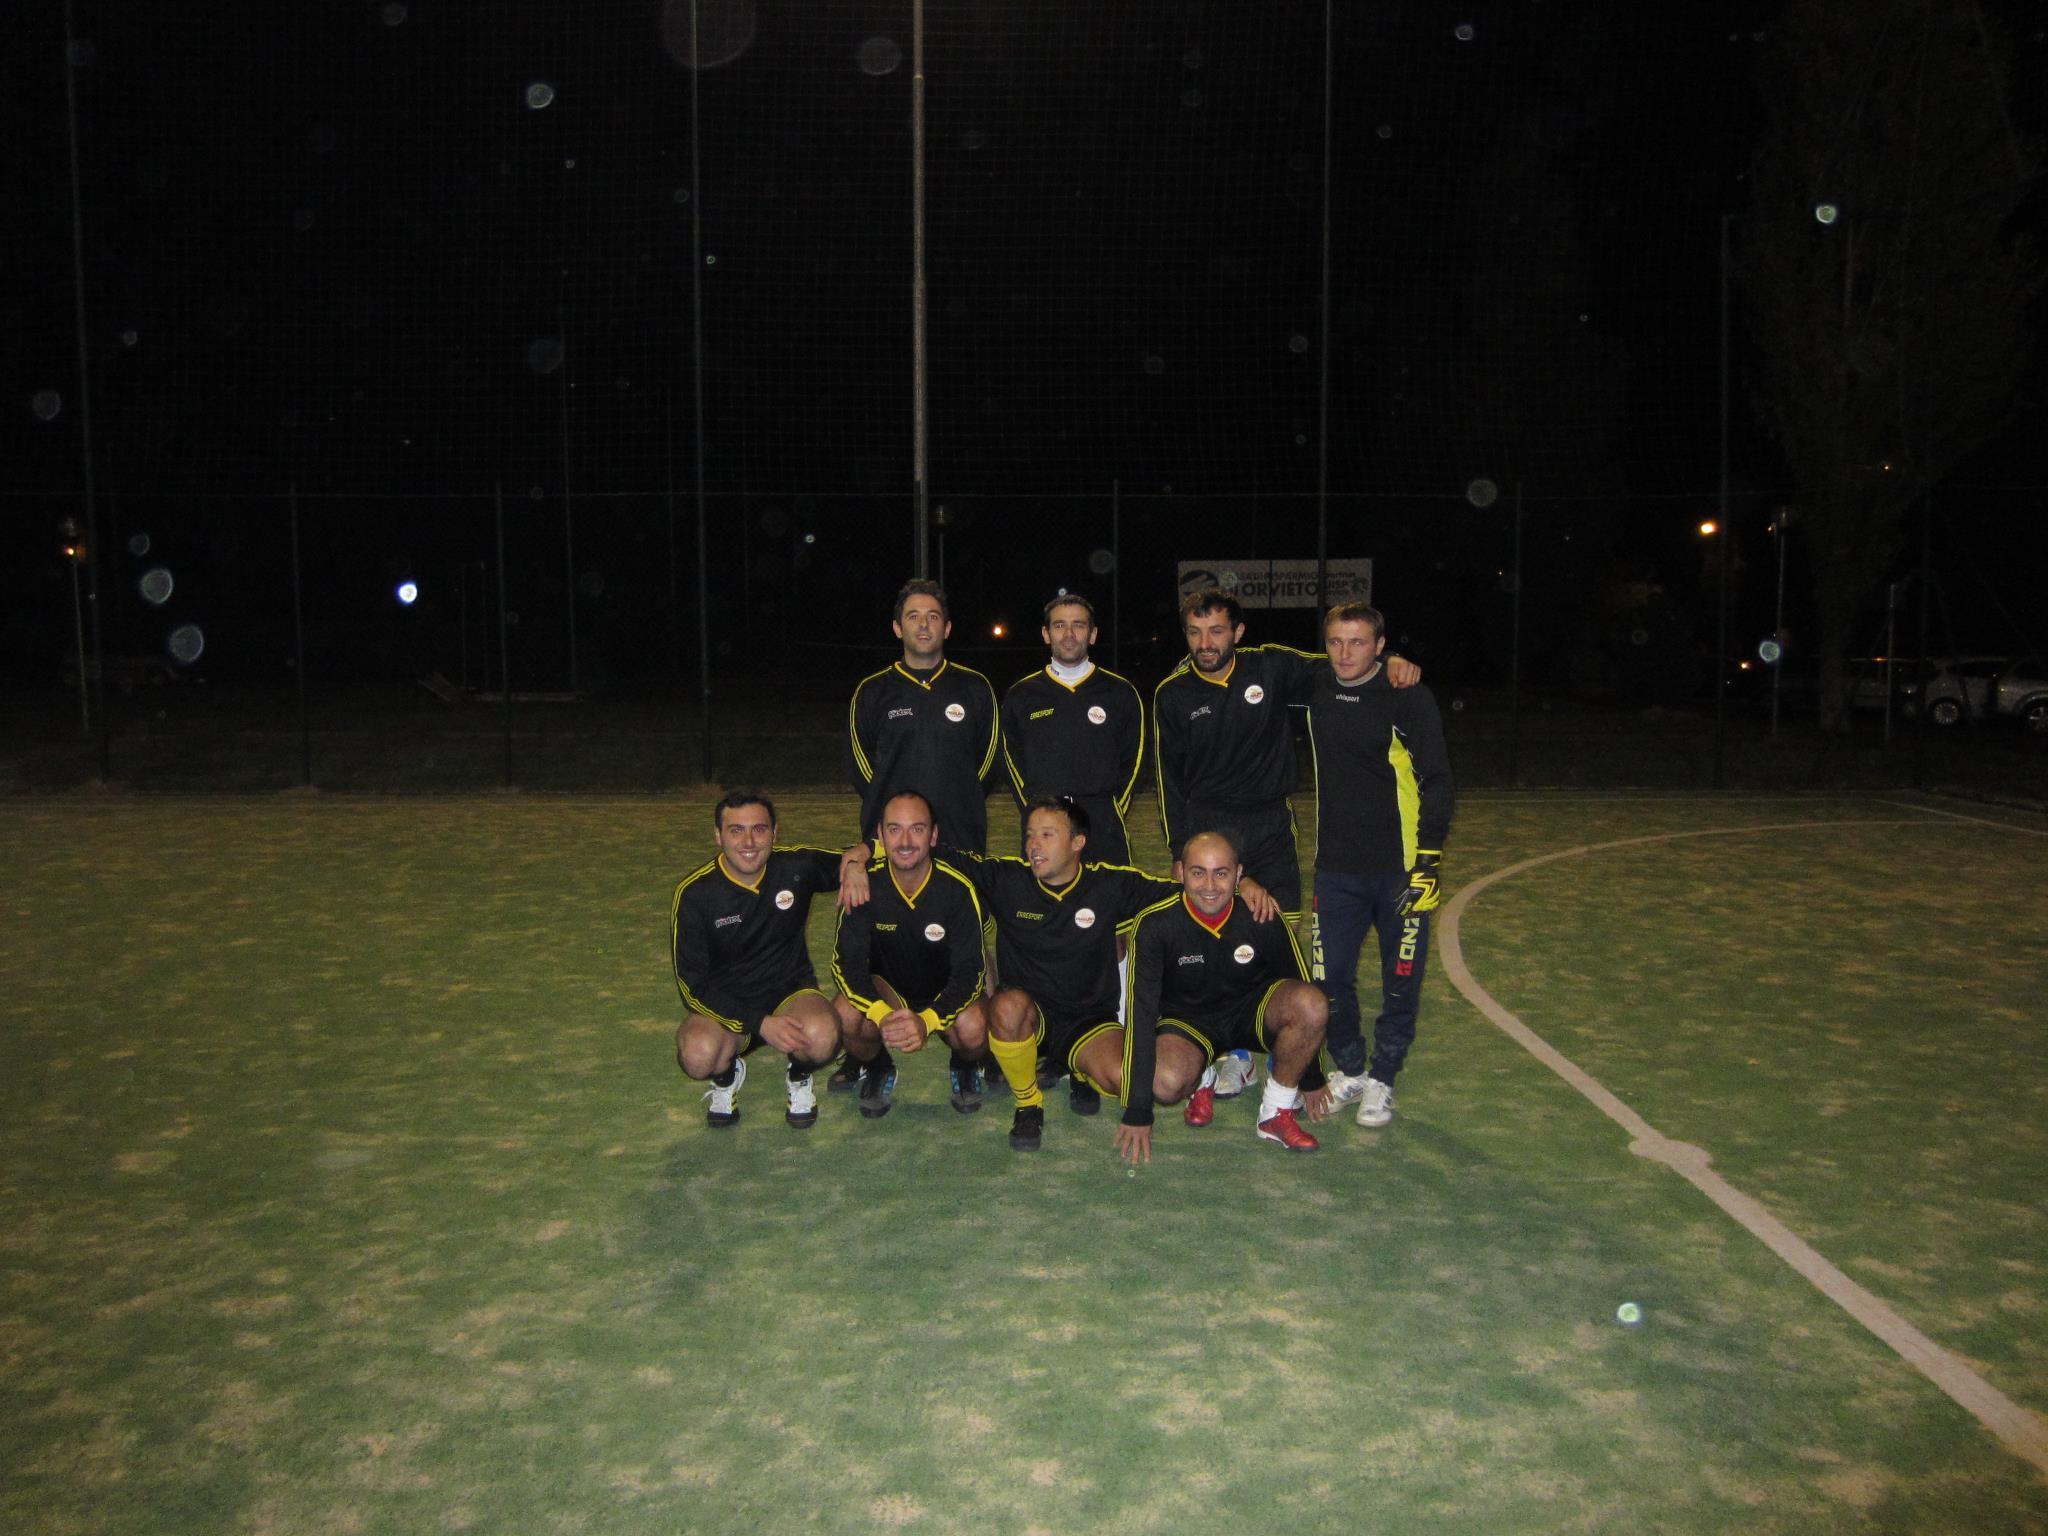 Arrapaho si aggiudica il campionato di calcetto amatoriale Uisp